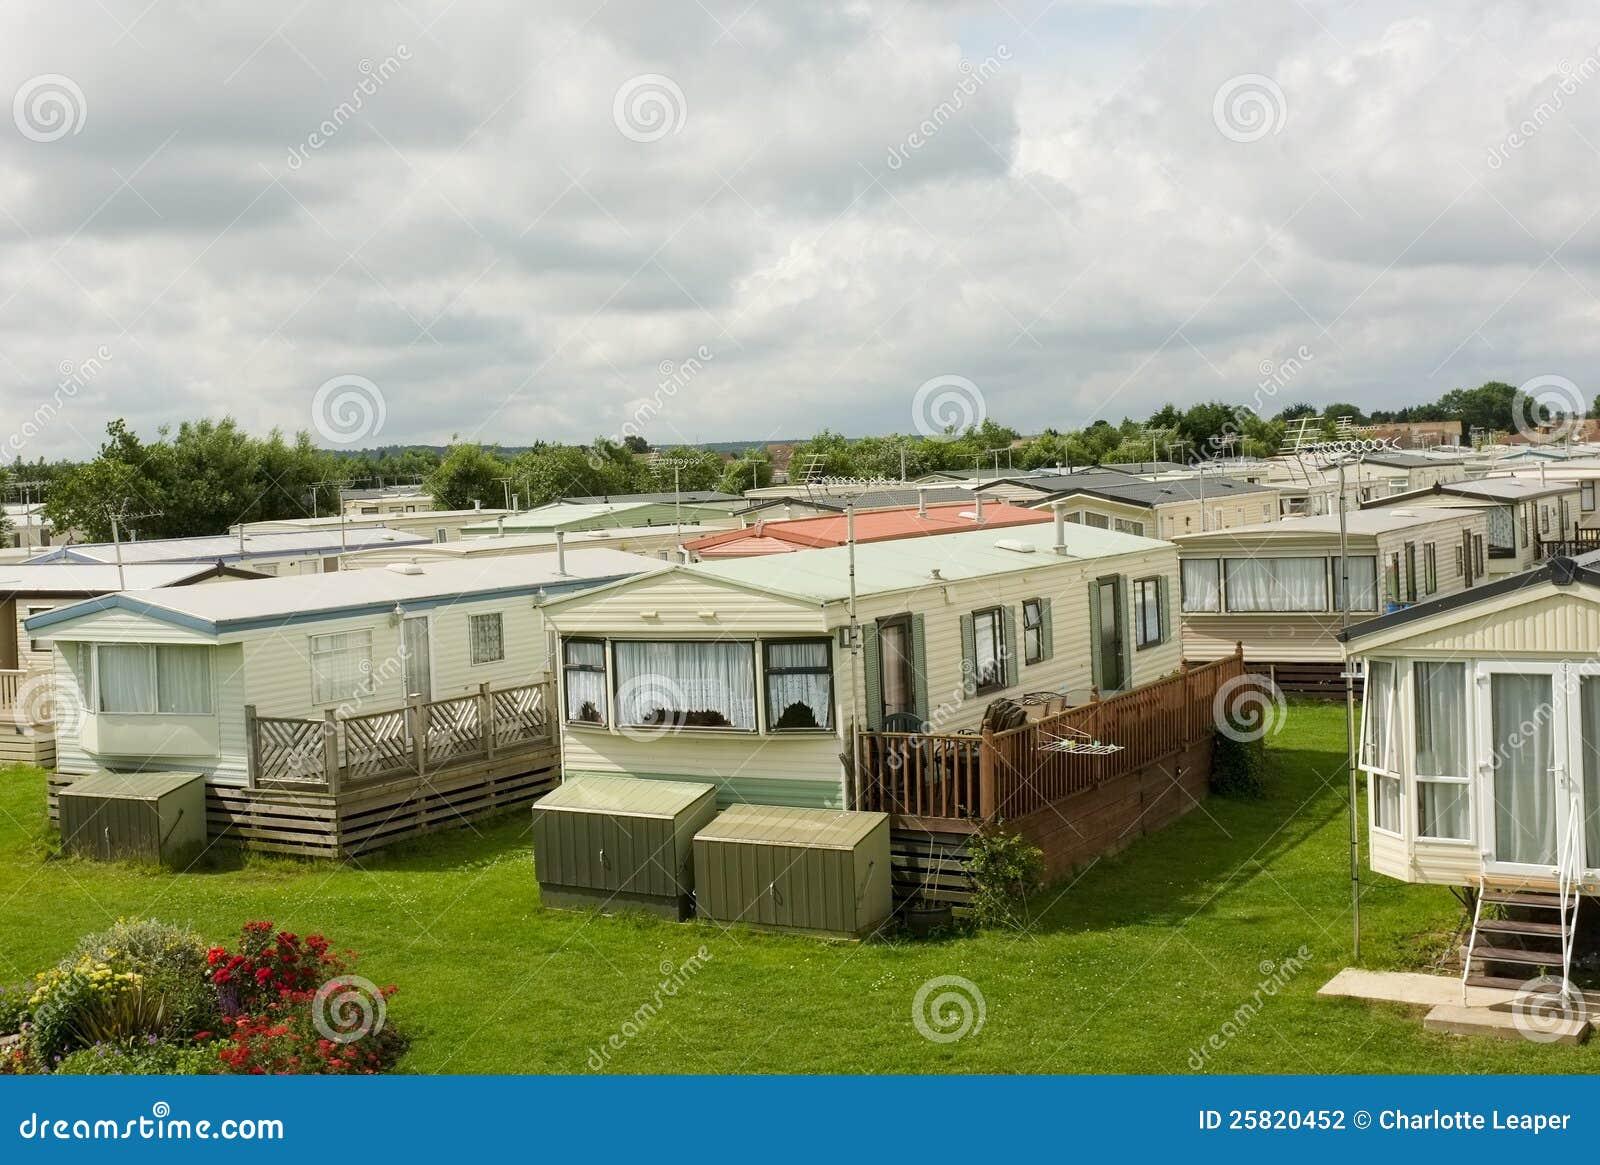 Wohnwagensiedlung